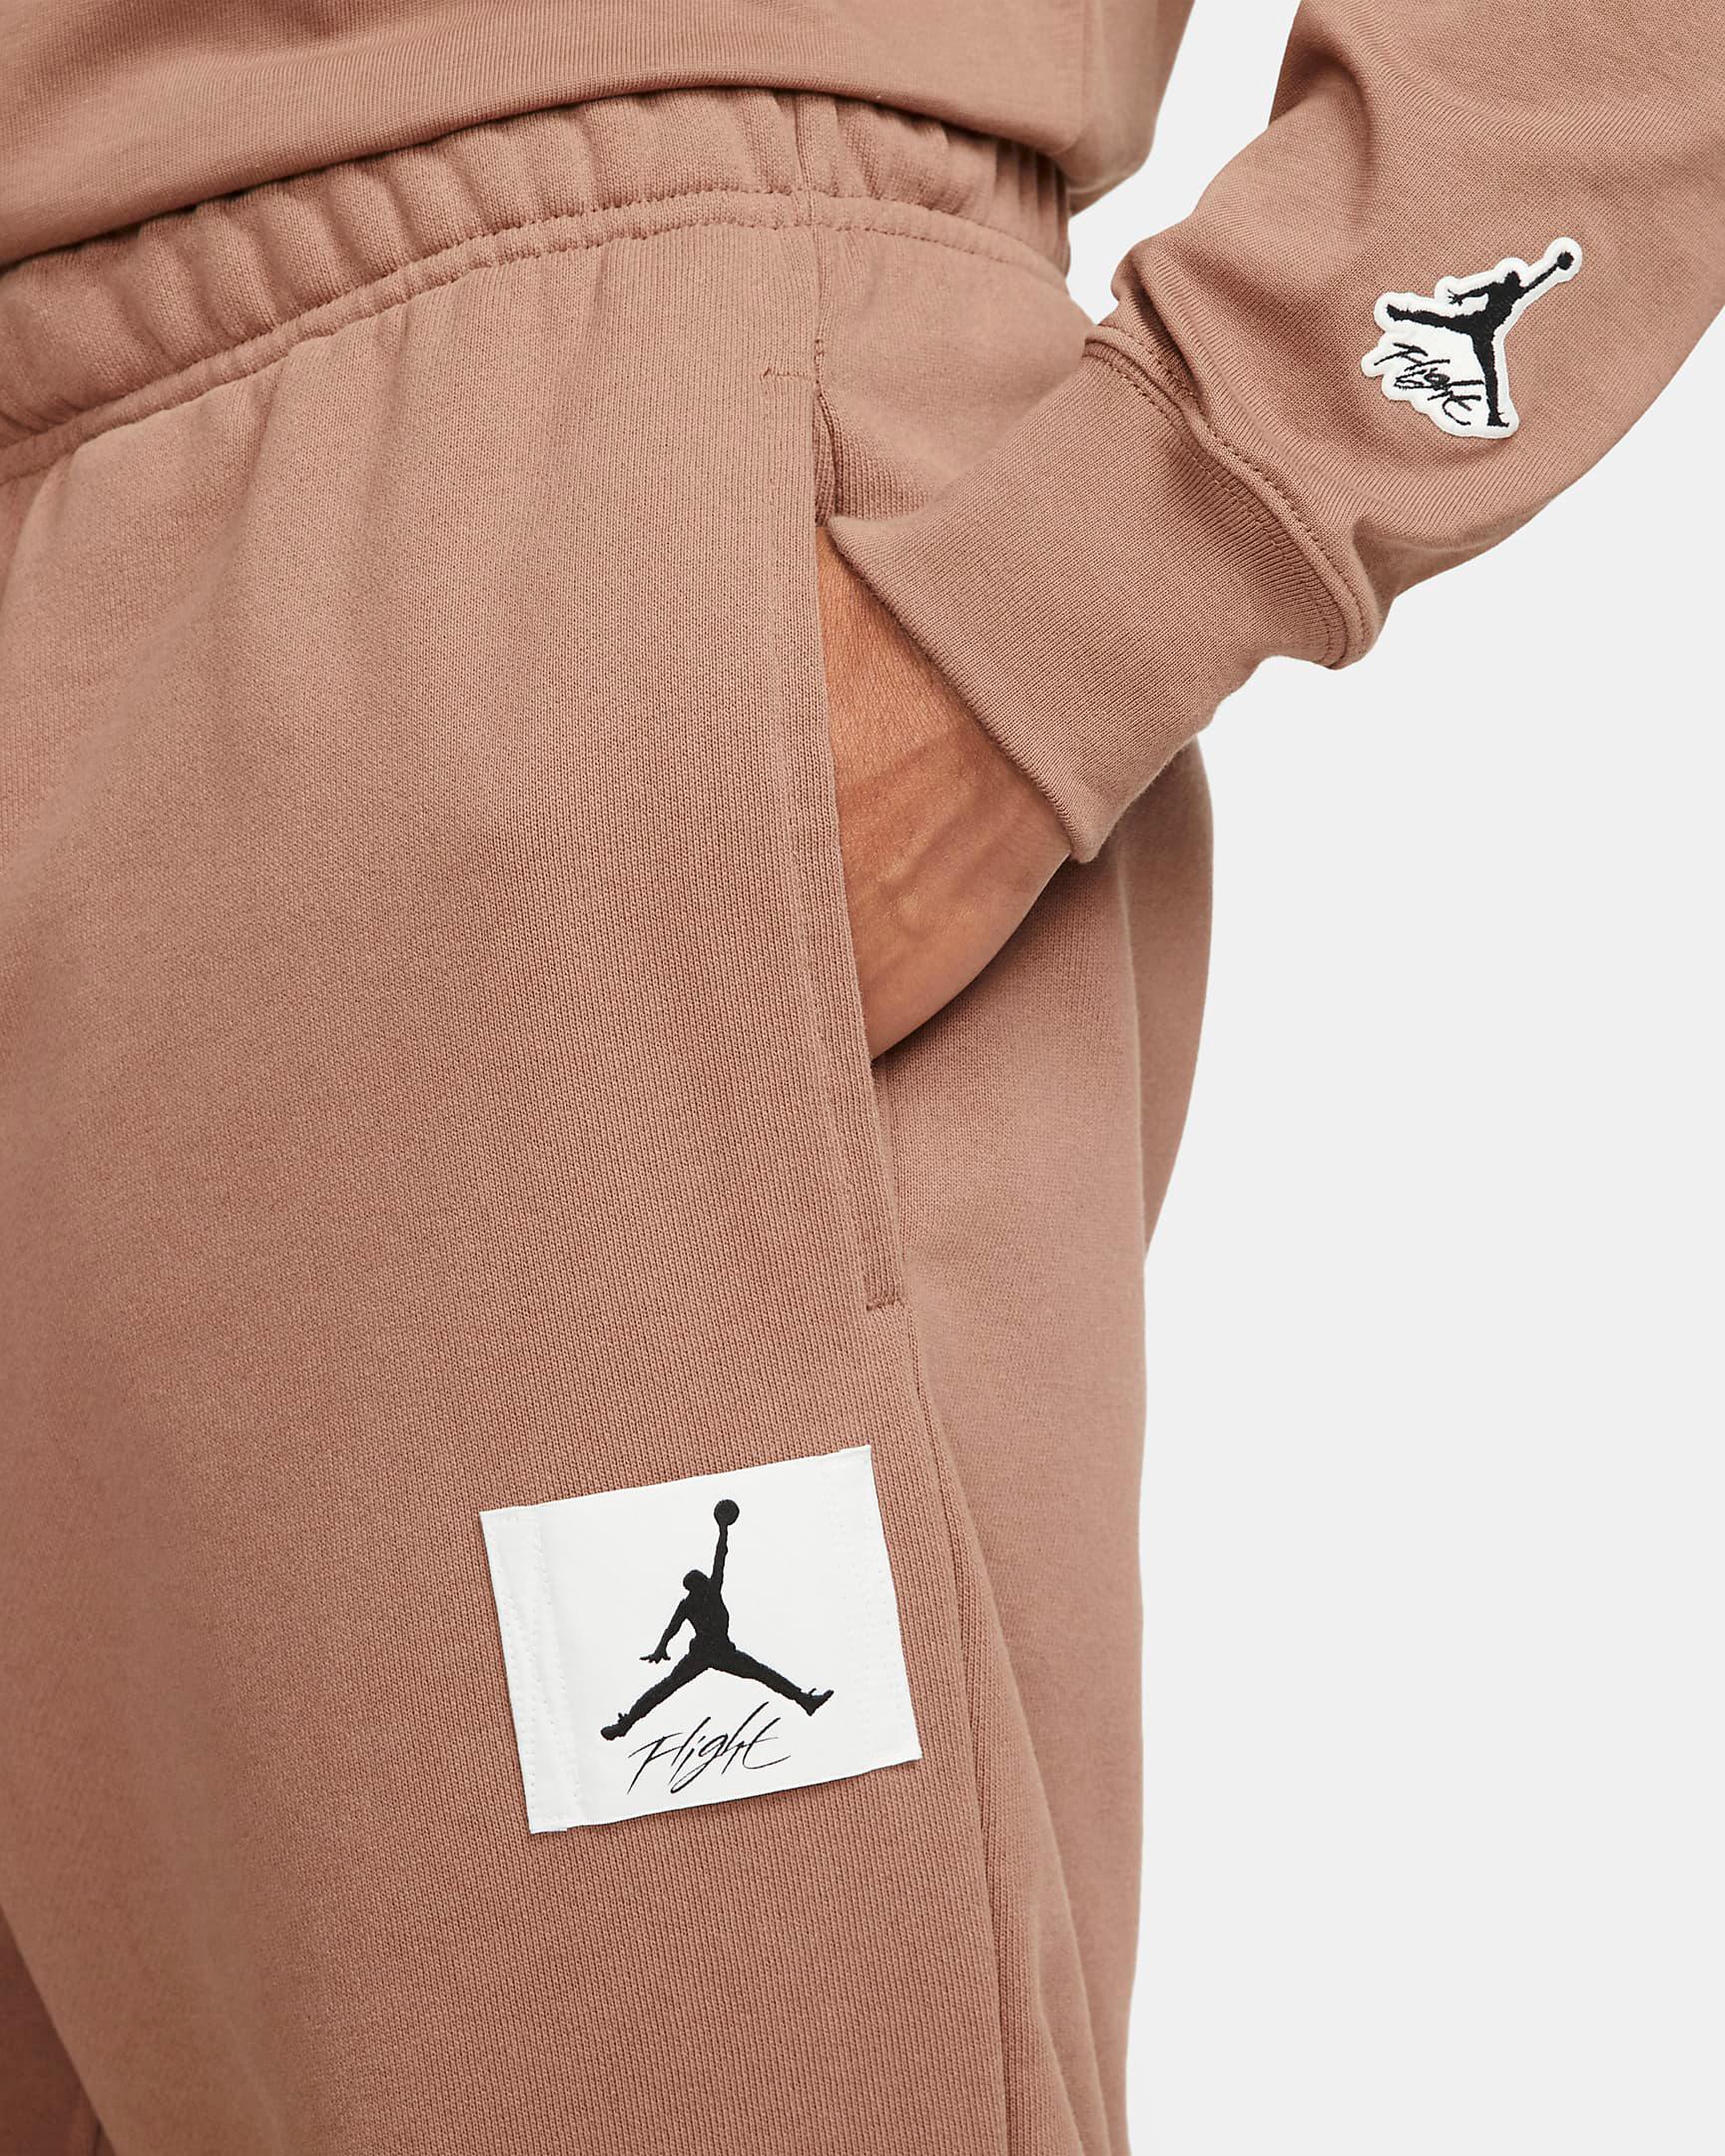 jordan-archaeo-brown-essential-statement-fleece-pants-2